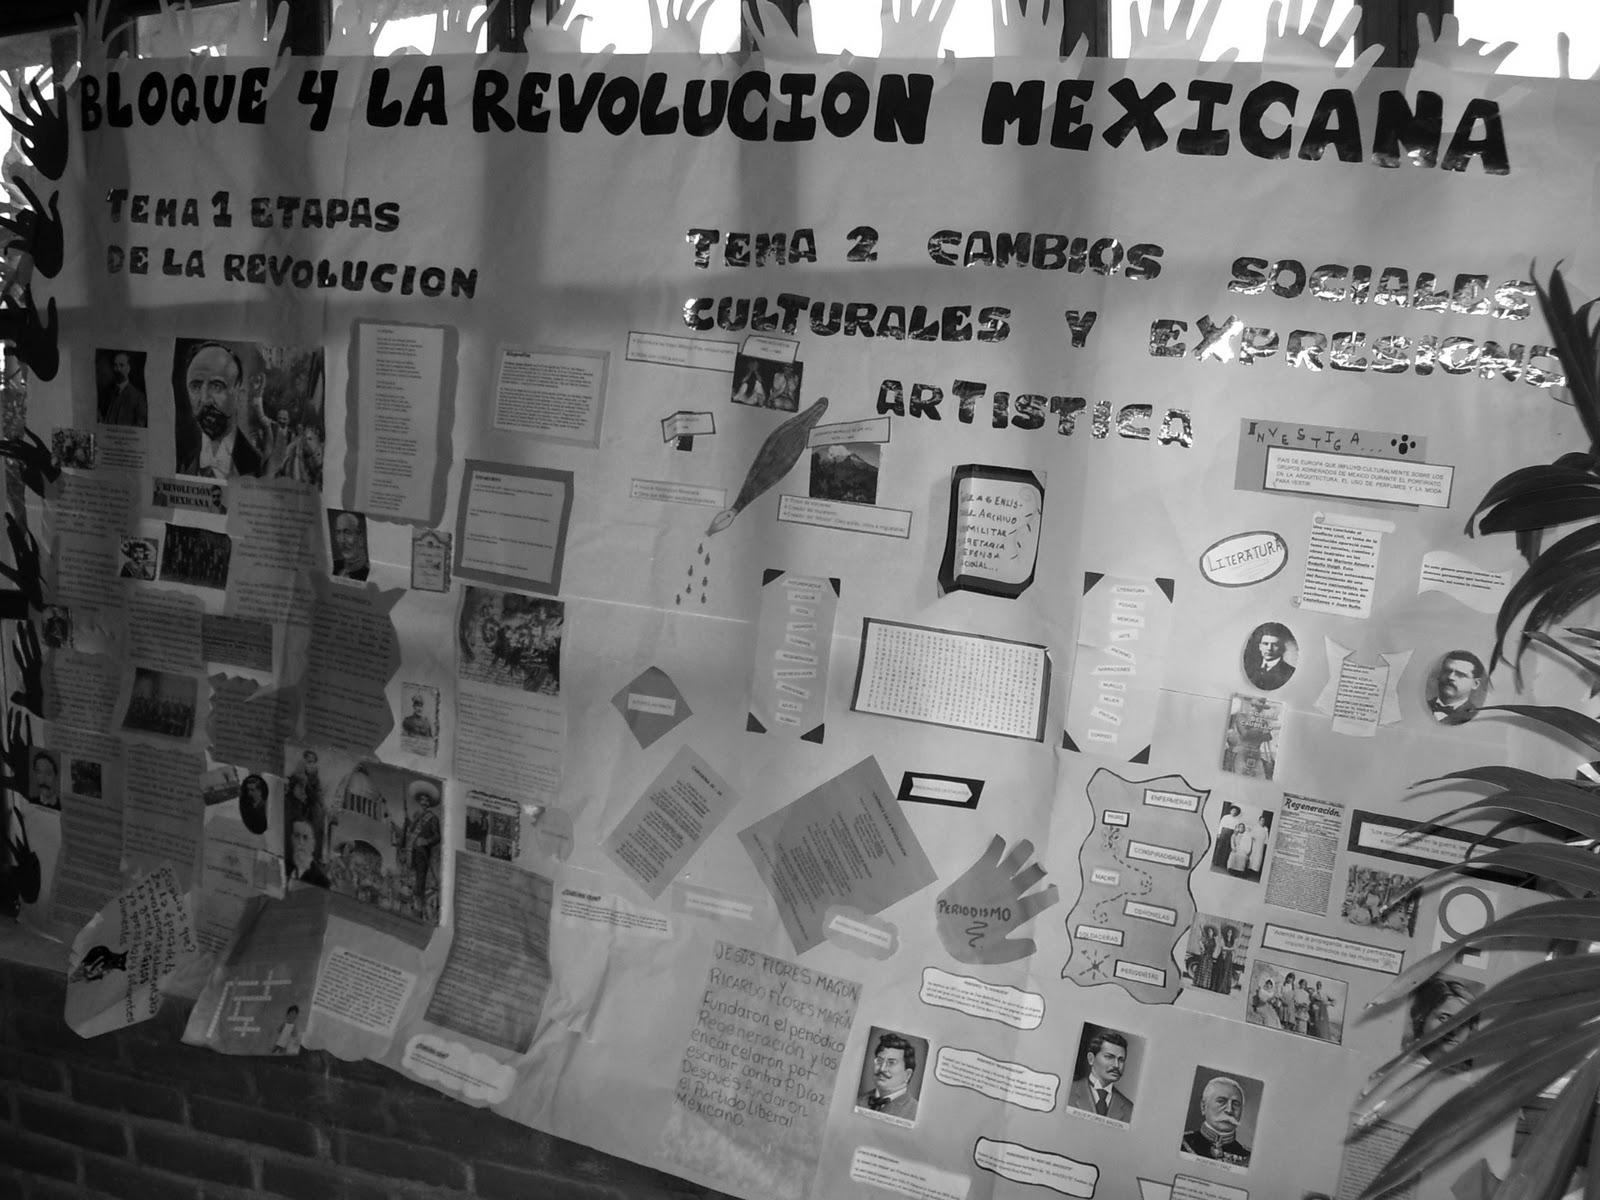 Historia de m xico ii fotogaleria periodico mural for Caracteristicas del periodico mural